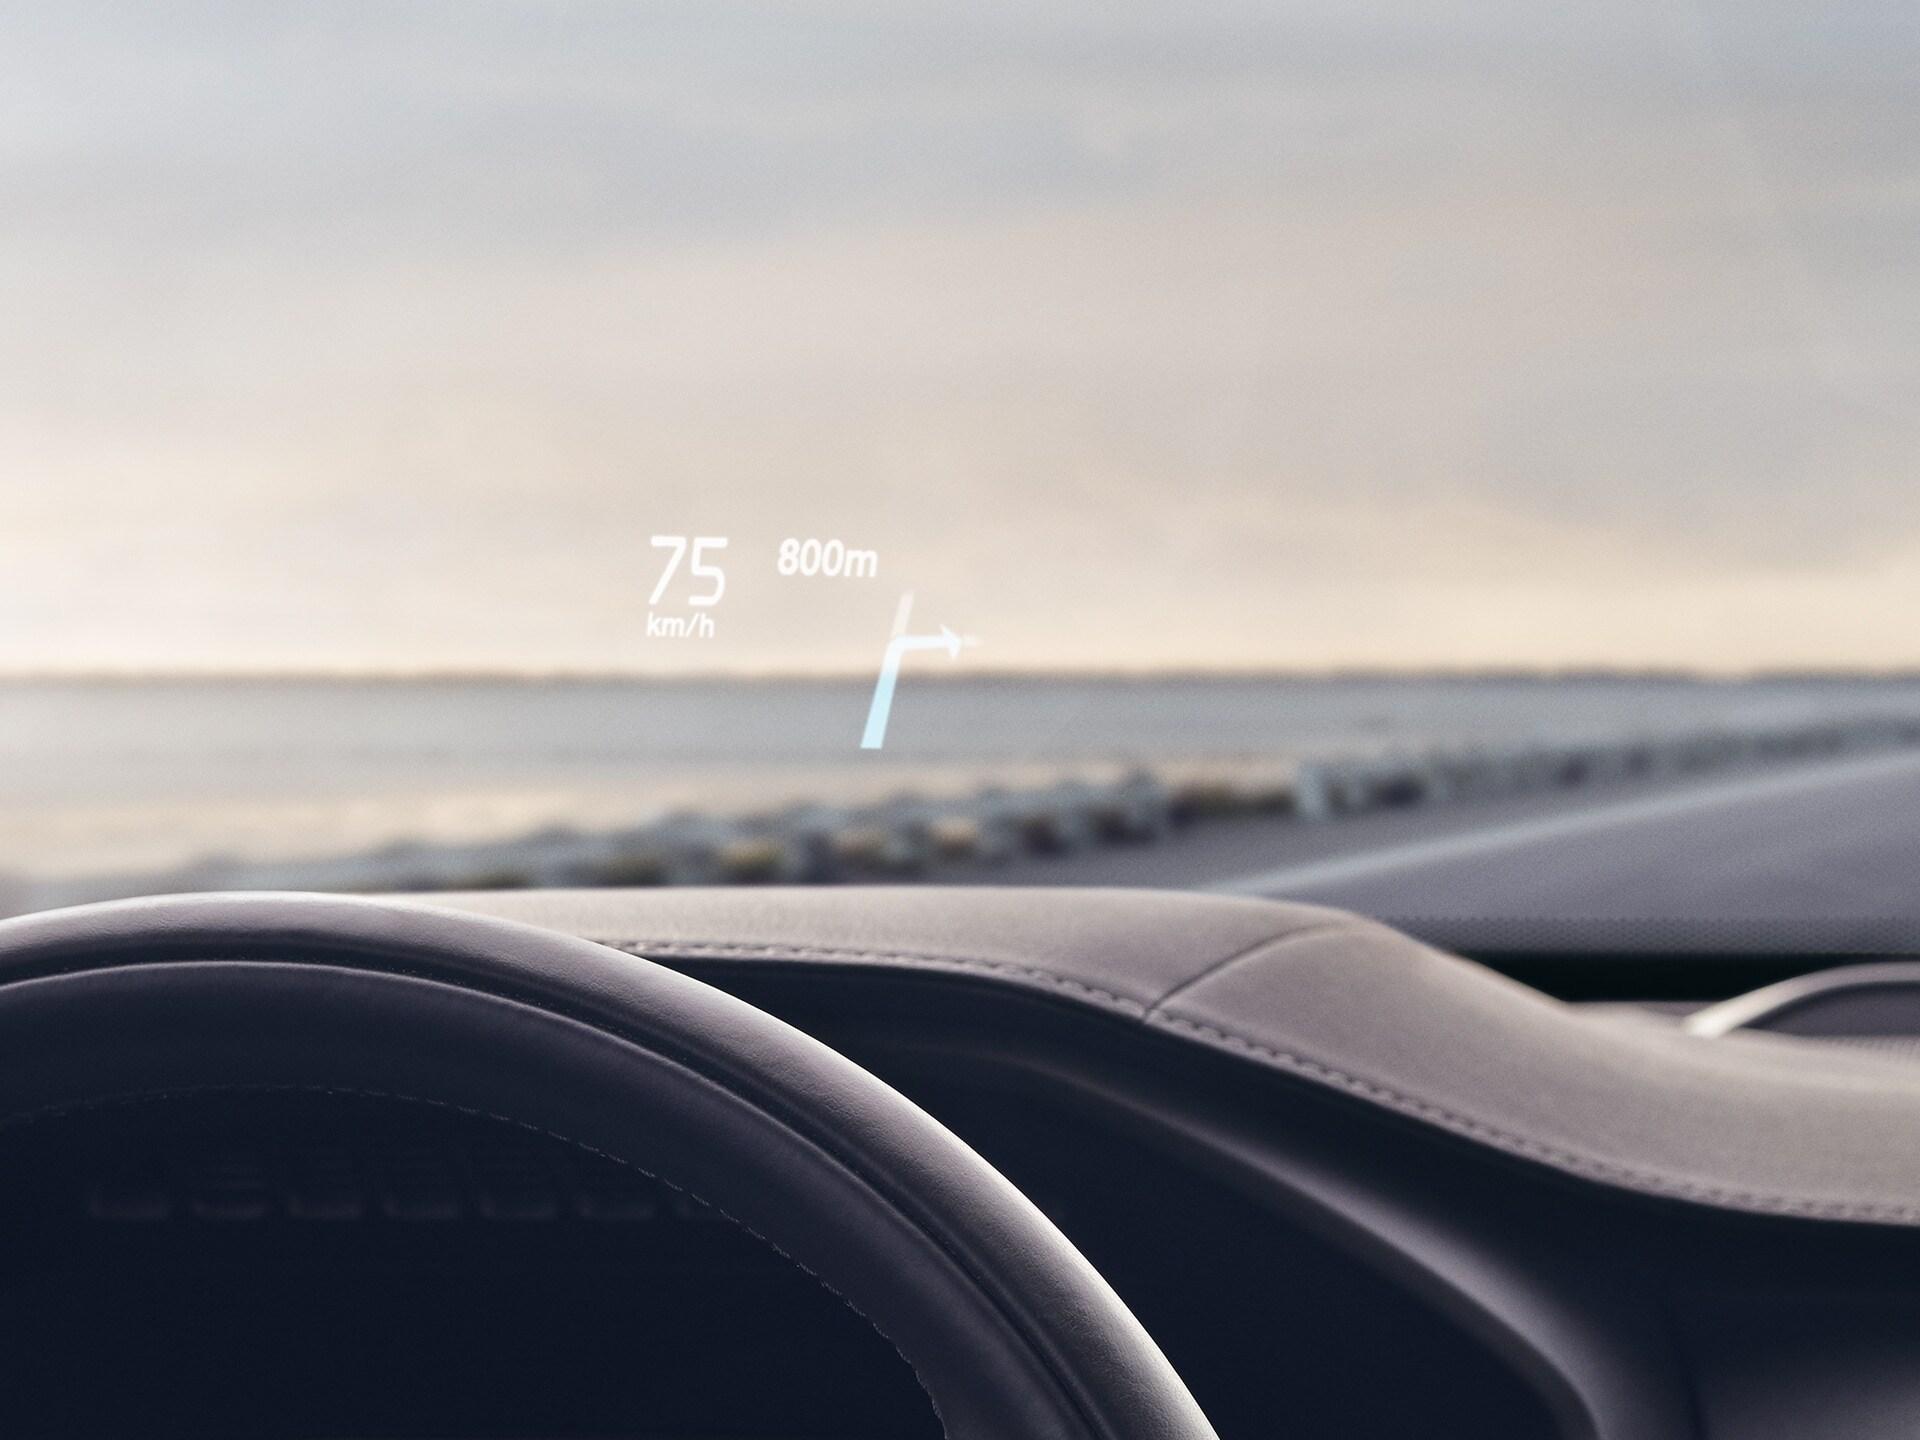 All'interno di una Volvo, la velocità di marcia è visualizzata sul parabrezza